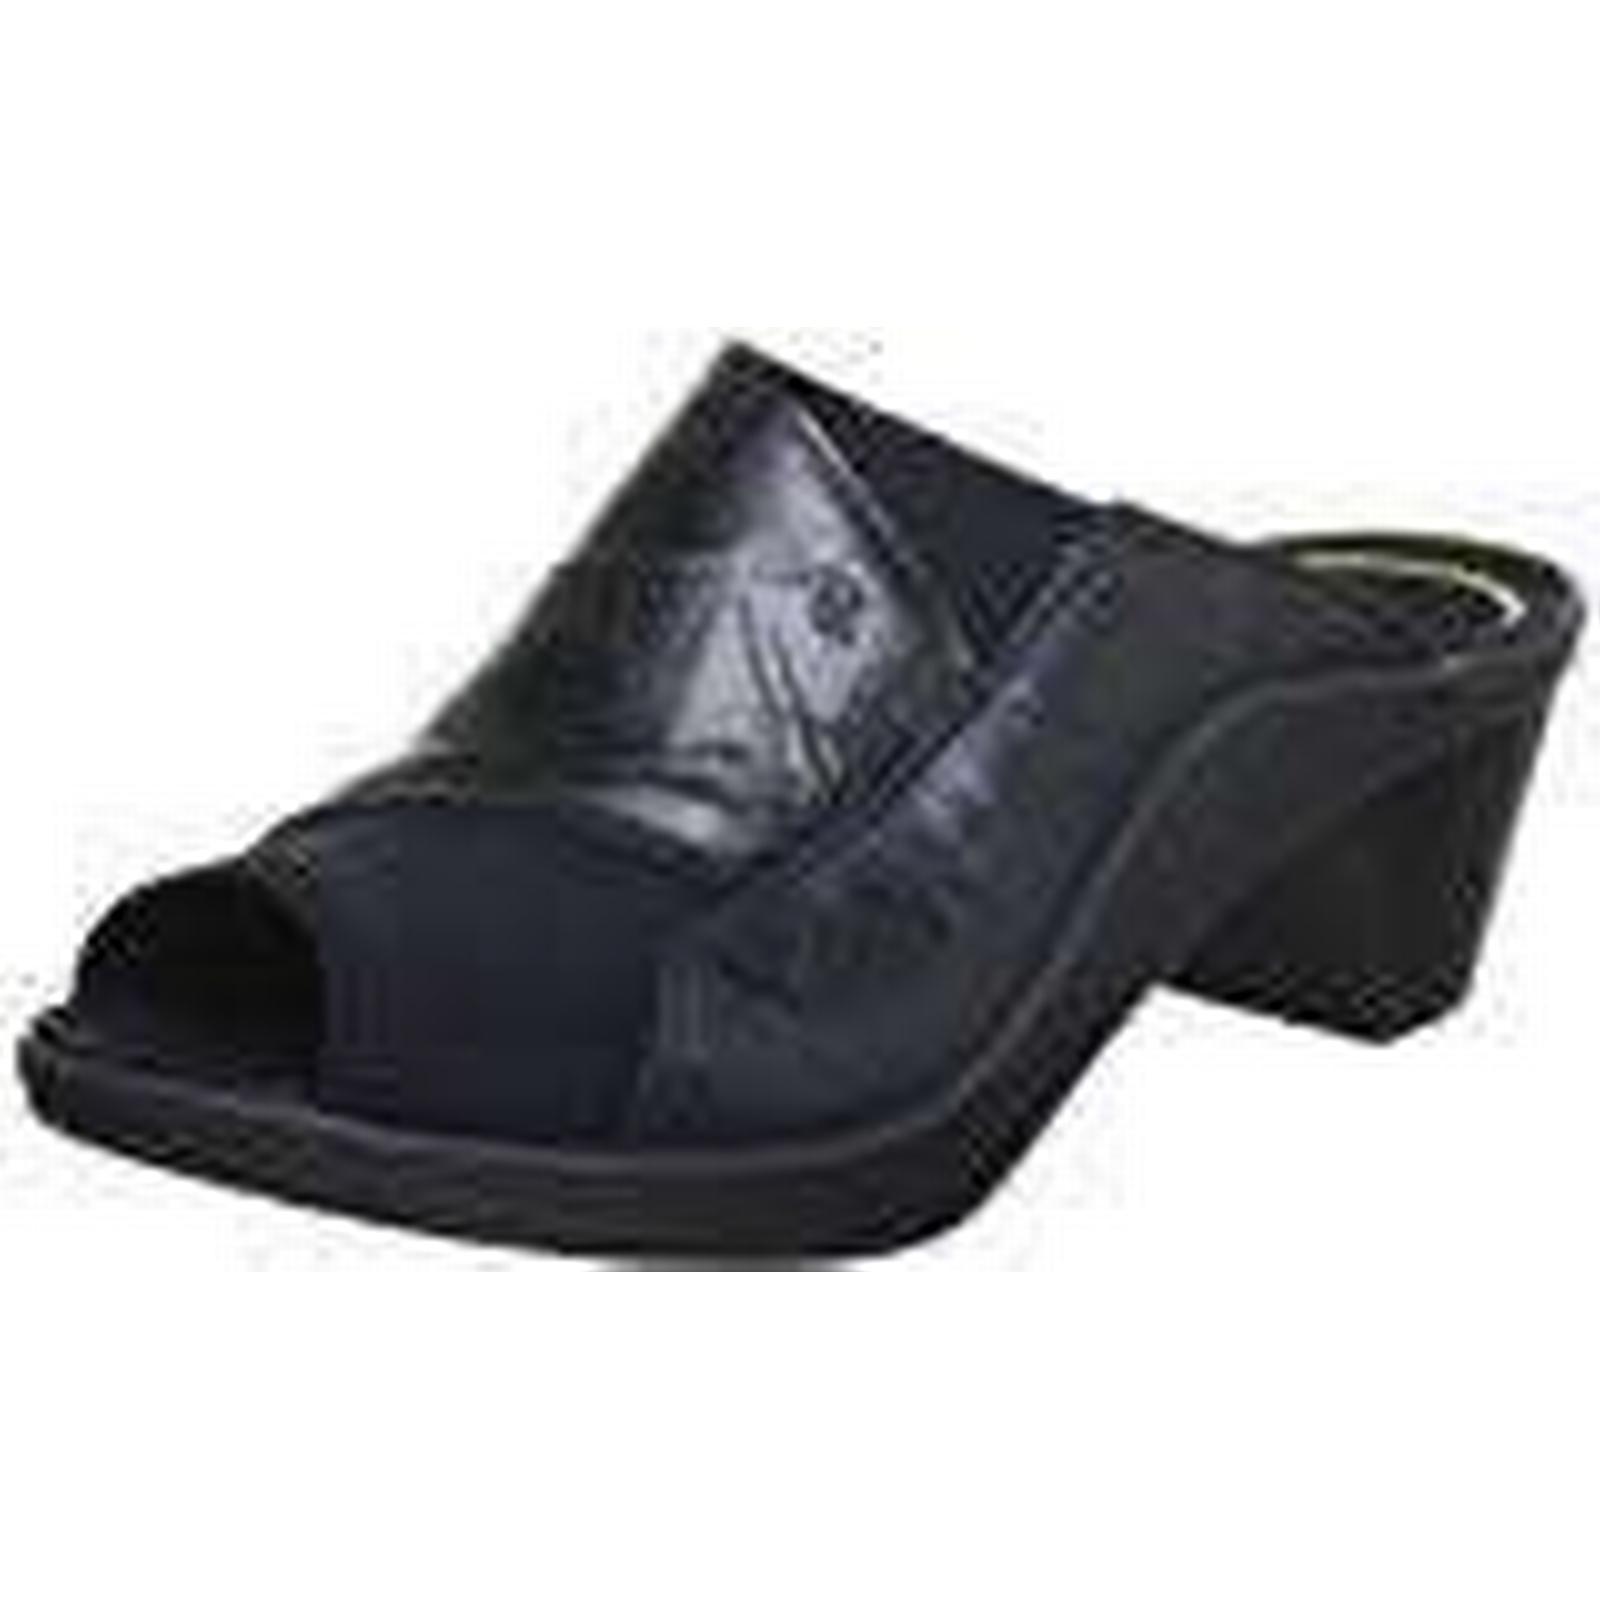 Romika Mokassetta 244 Clogs (Black), And Mules Women, Black (Black), Clogs 42 EU 860d87